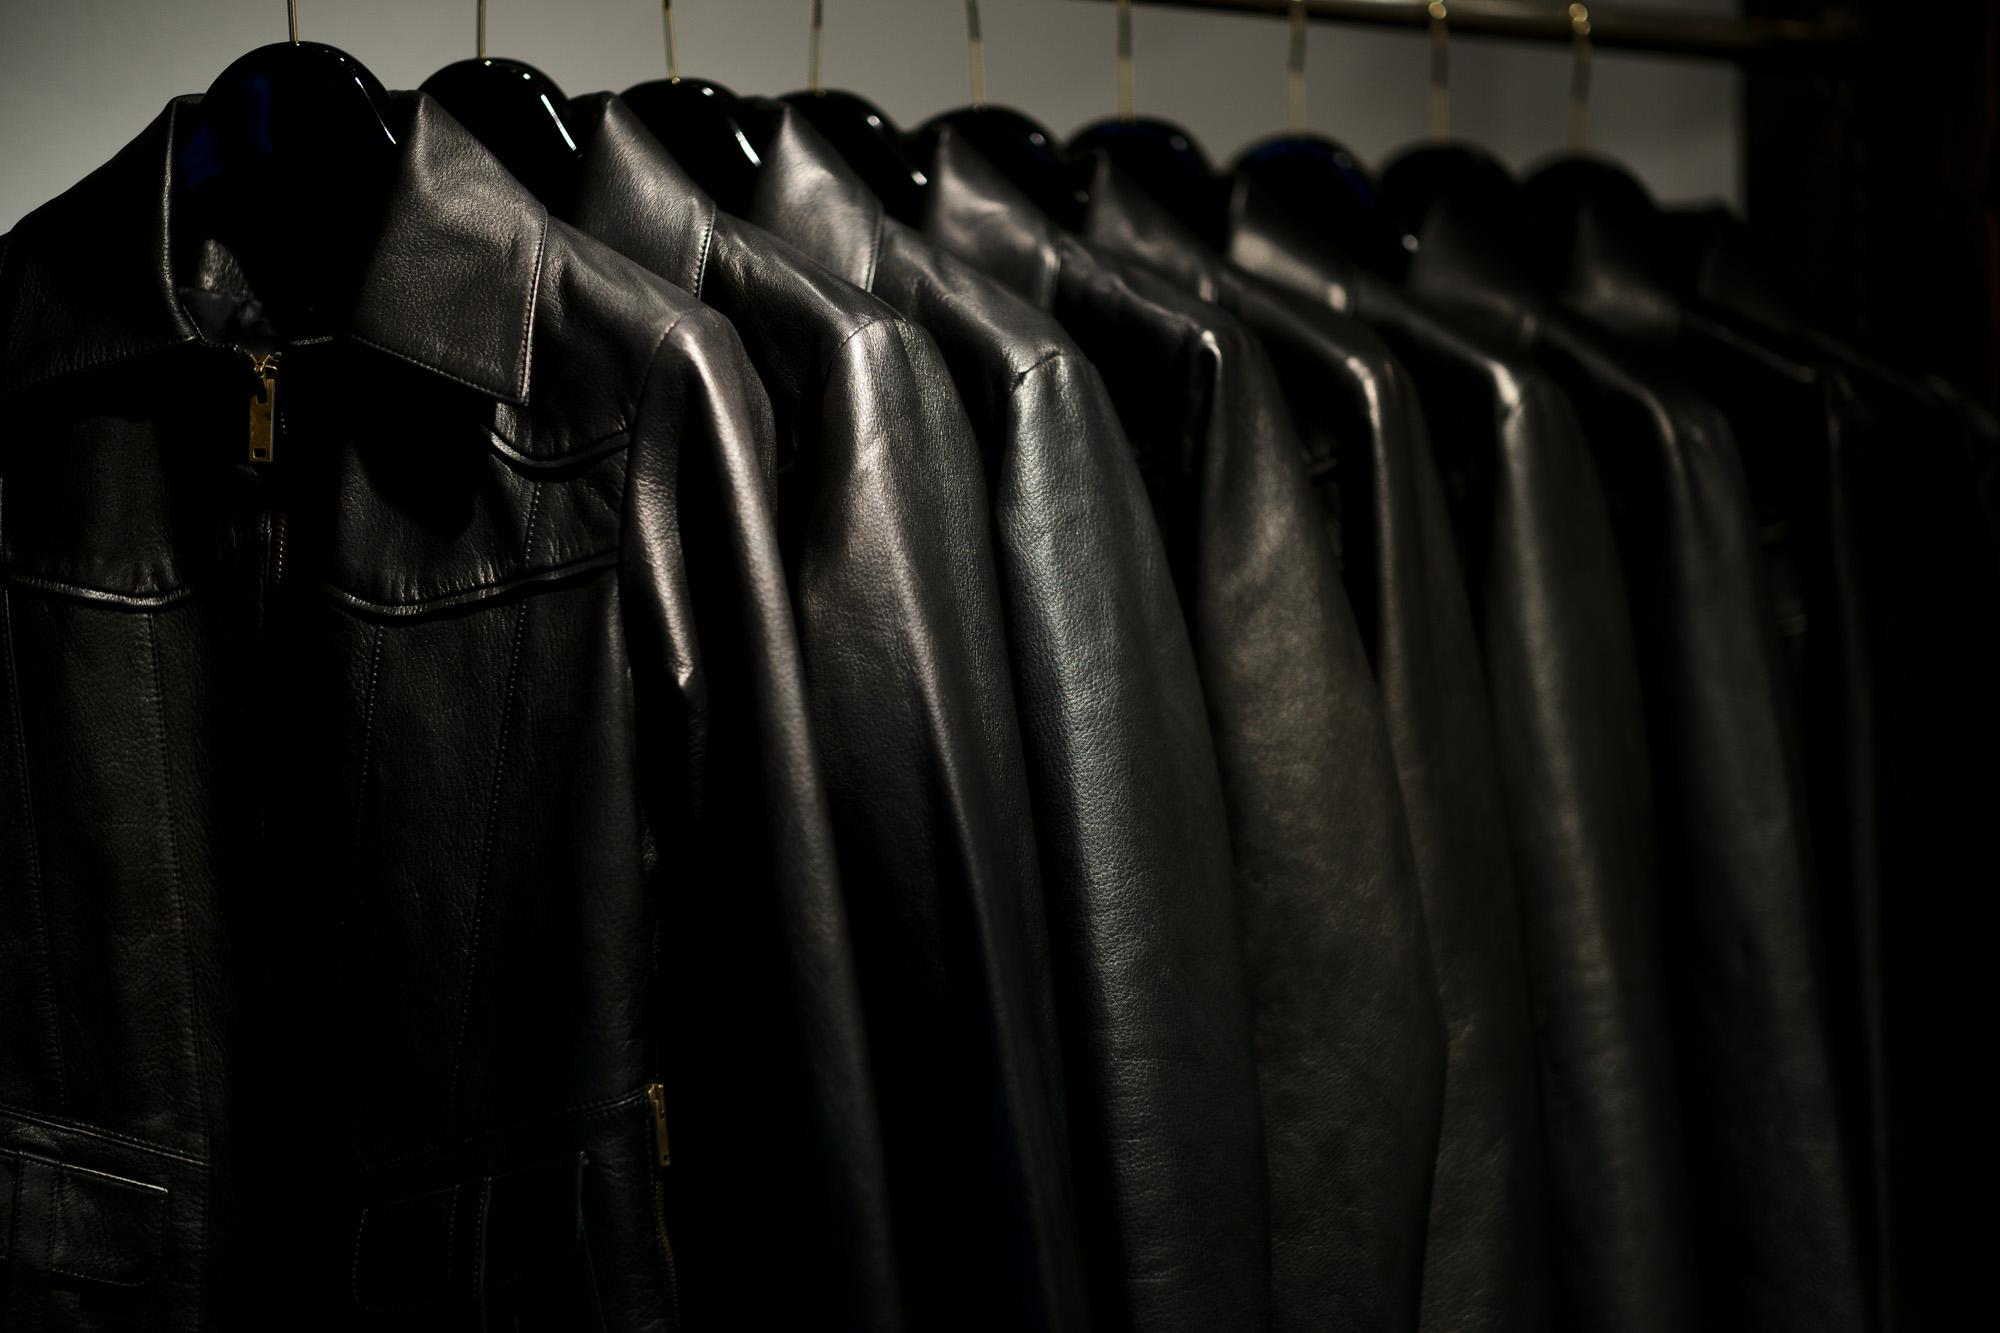 Cuervo (クエルボ) Satisfaction Leather Collection (サティスファクション レザー コレクション) East West(イーストウエスト)  SMOKE(スモーク) BUFFALO LEATHER (バッファロー レザー) レザージャケット BLACK(ブラック) MADE IN JAPAN (日本製) 2019 春夏新作 【第1便入荷しました】【第1便フリー分発売開始】 愛知 名古屋 altoediritto アルトエデリット 洋服屋 レザージャケット サウスパラディソ eastwest